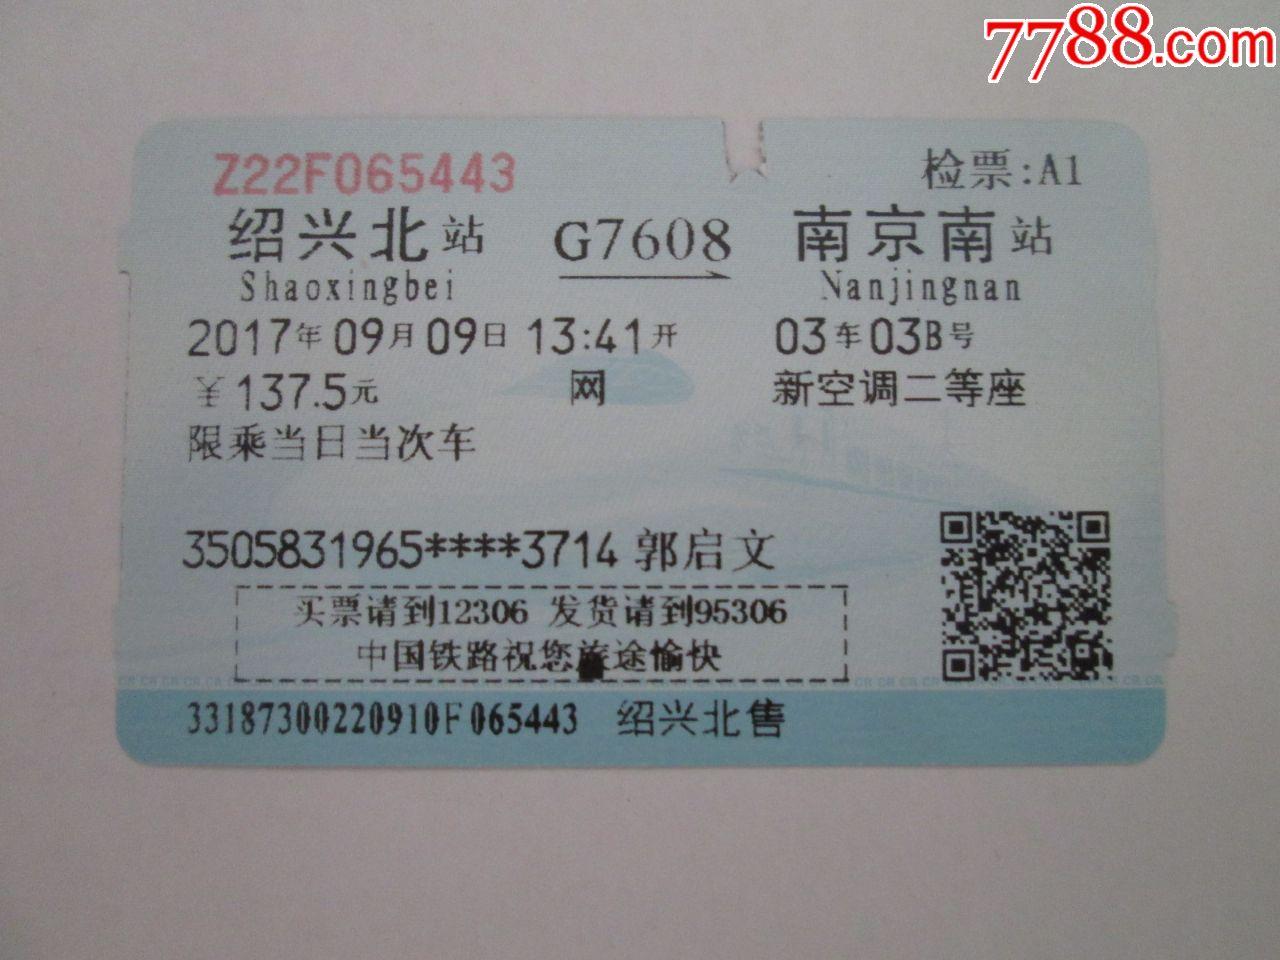 绍兴北G7608南京南